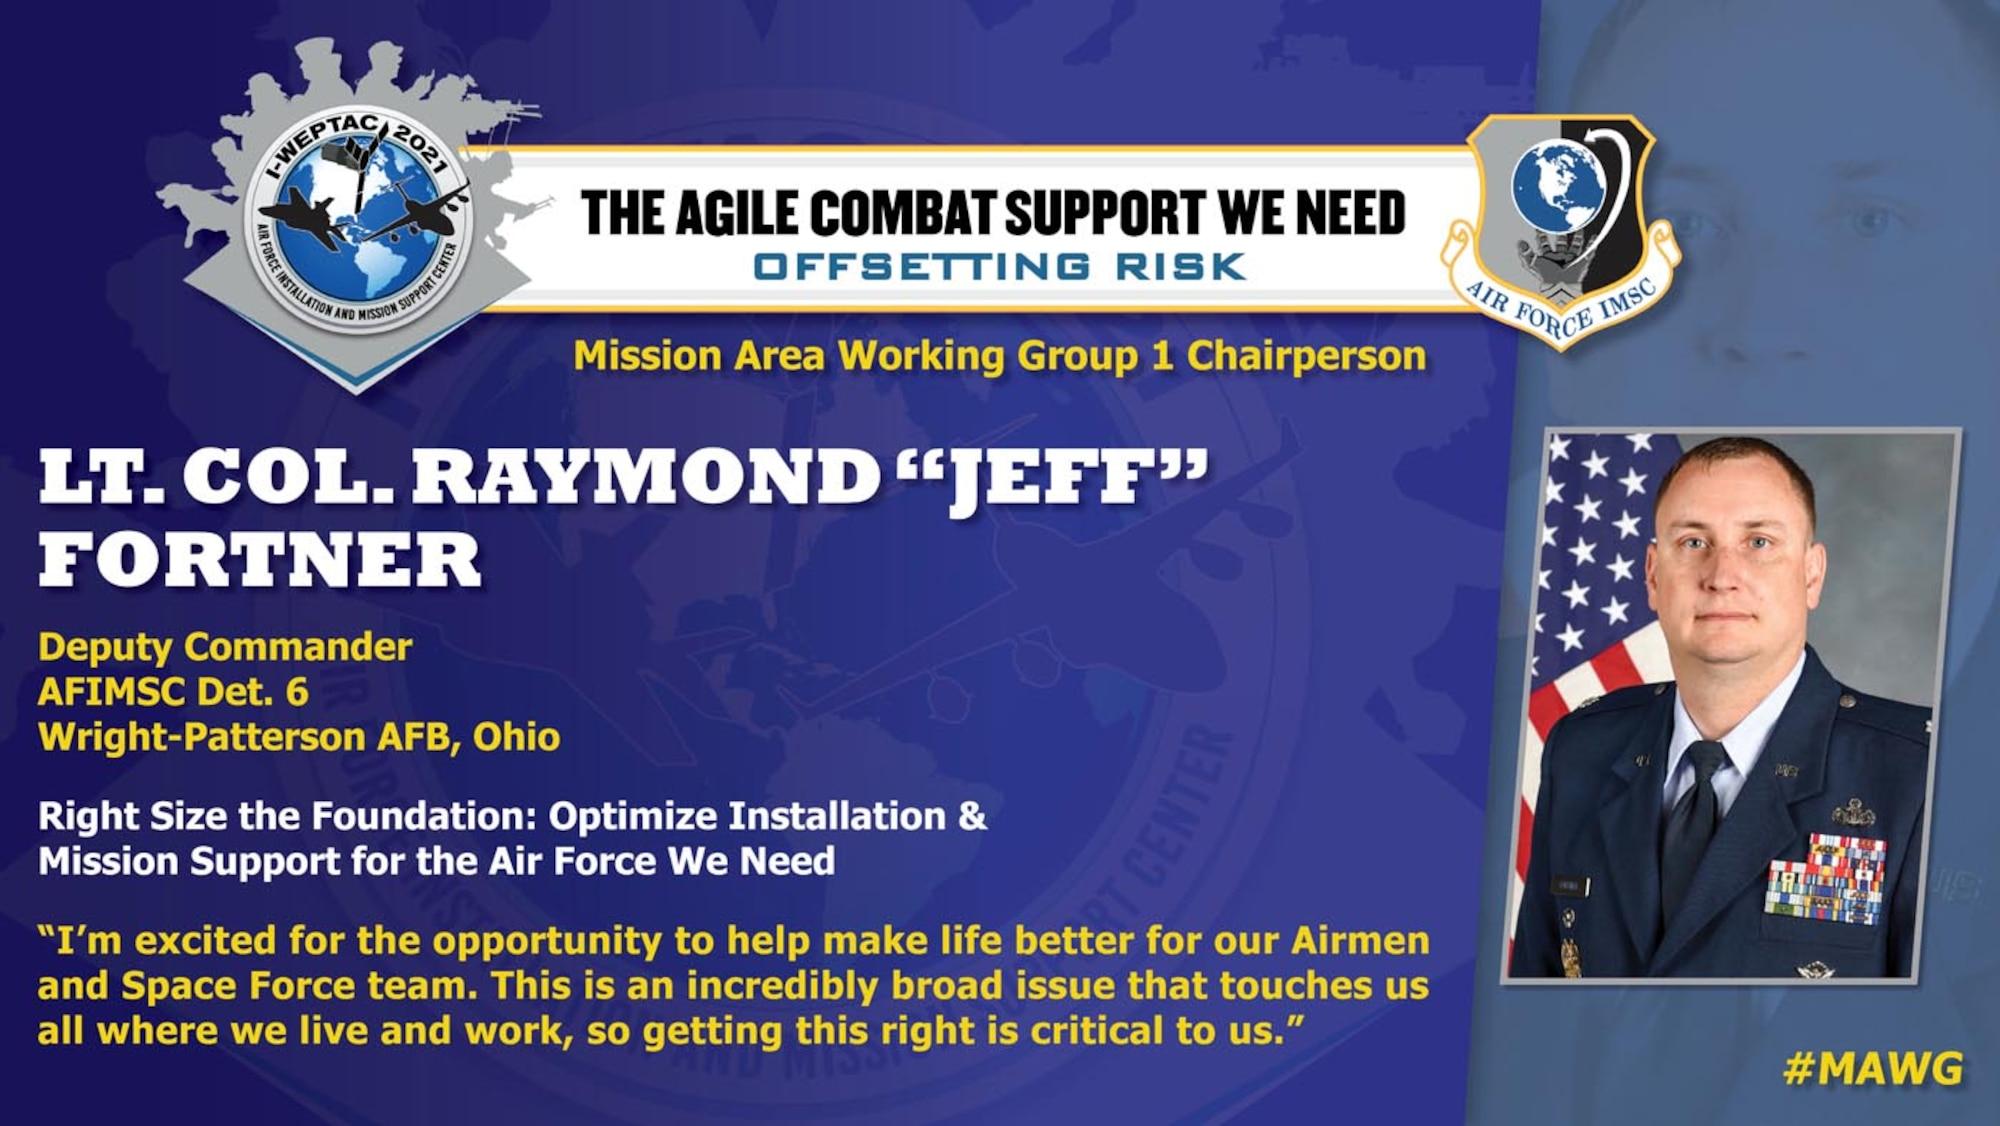 Lt Col Raymond Fortner, 2021 I-WEPTAC MAWG Chair 1